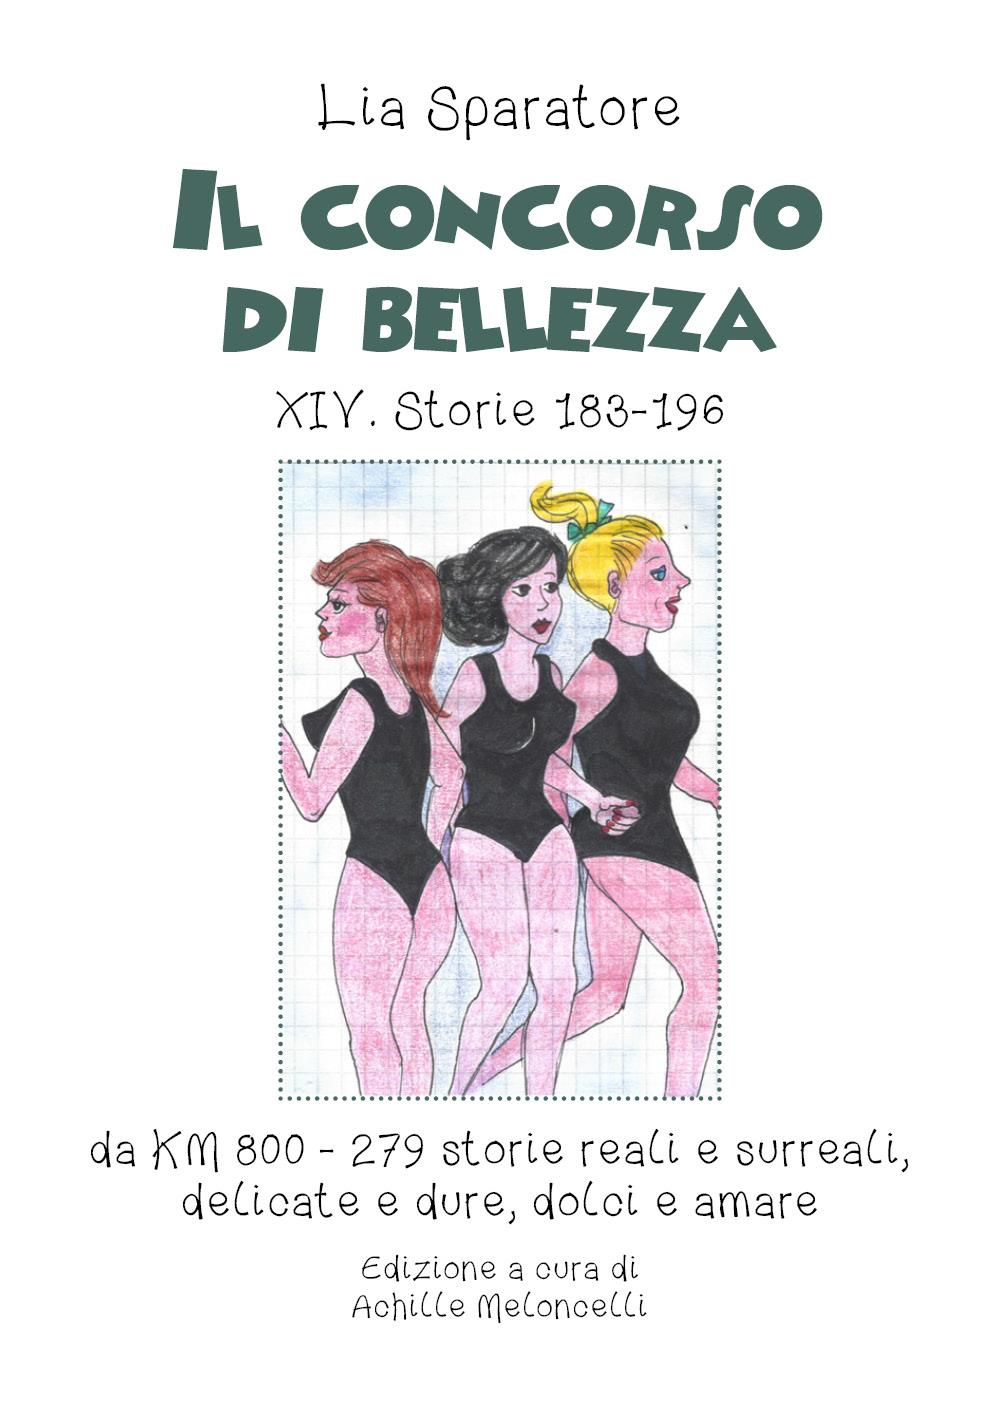 Il concorso di bellezza XIV. Storie 183-196 da KM 800 Storie reali e surreali, delicate e dure, dolci e amare